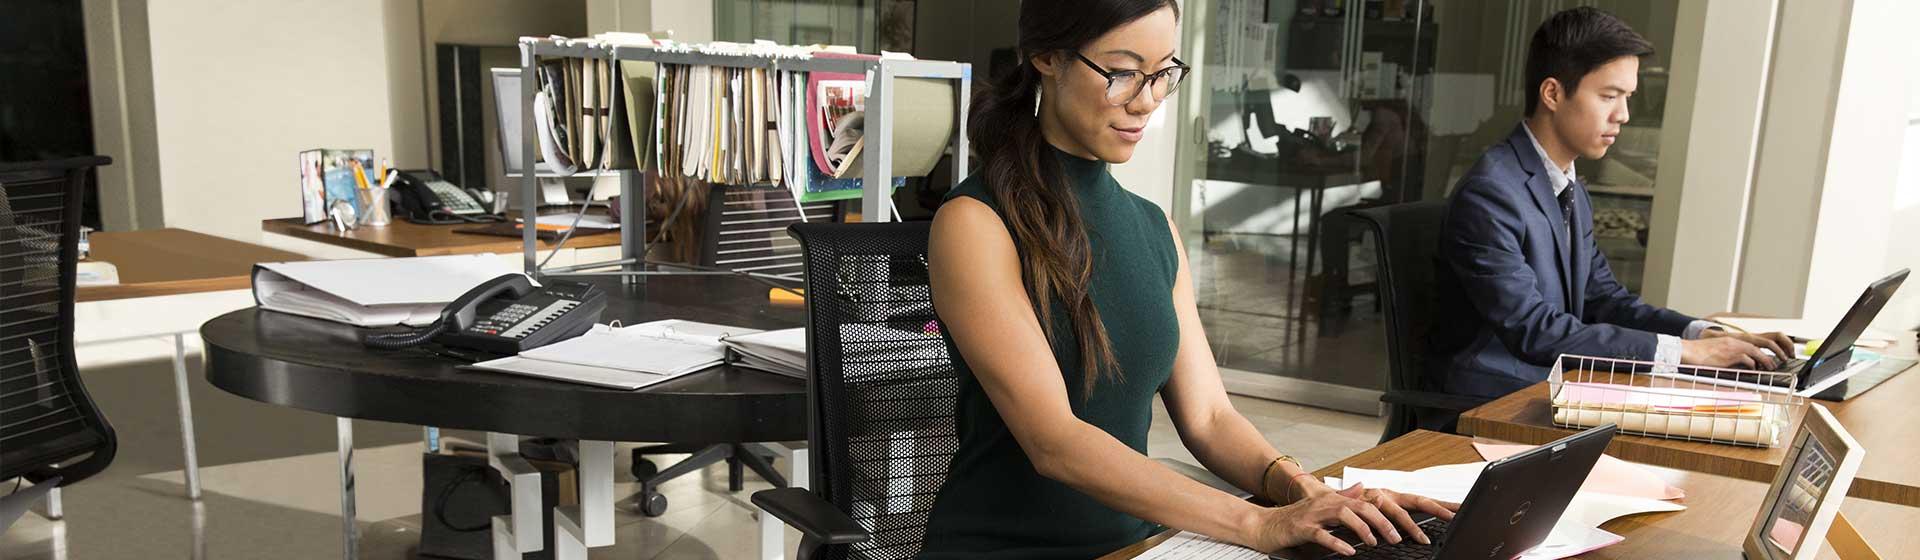 オフィスでデスクを囲んで、Office 365 を表示したノート PC を使用している 2 人の人物。